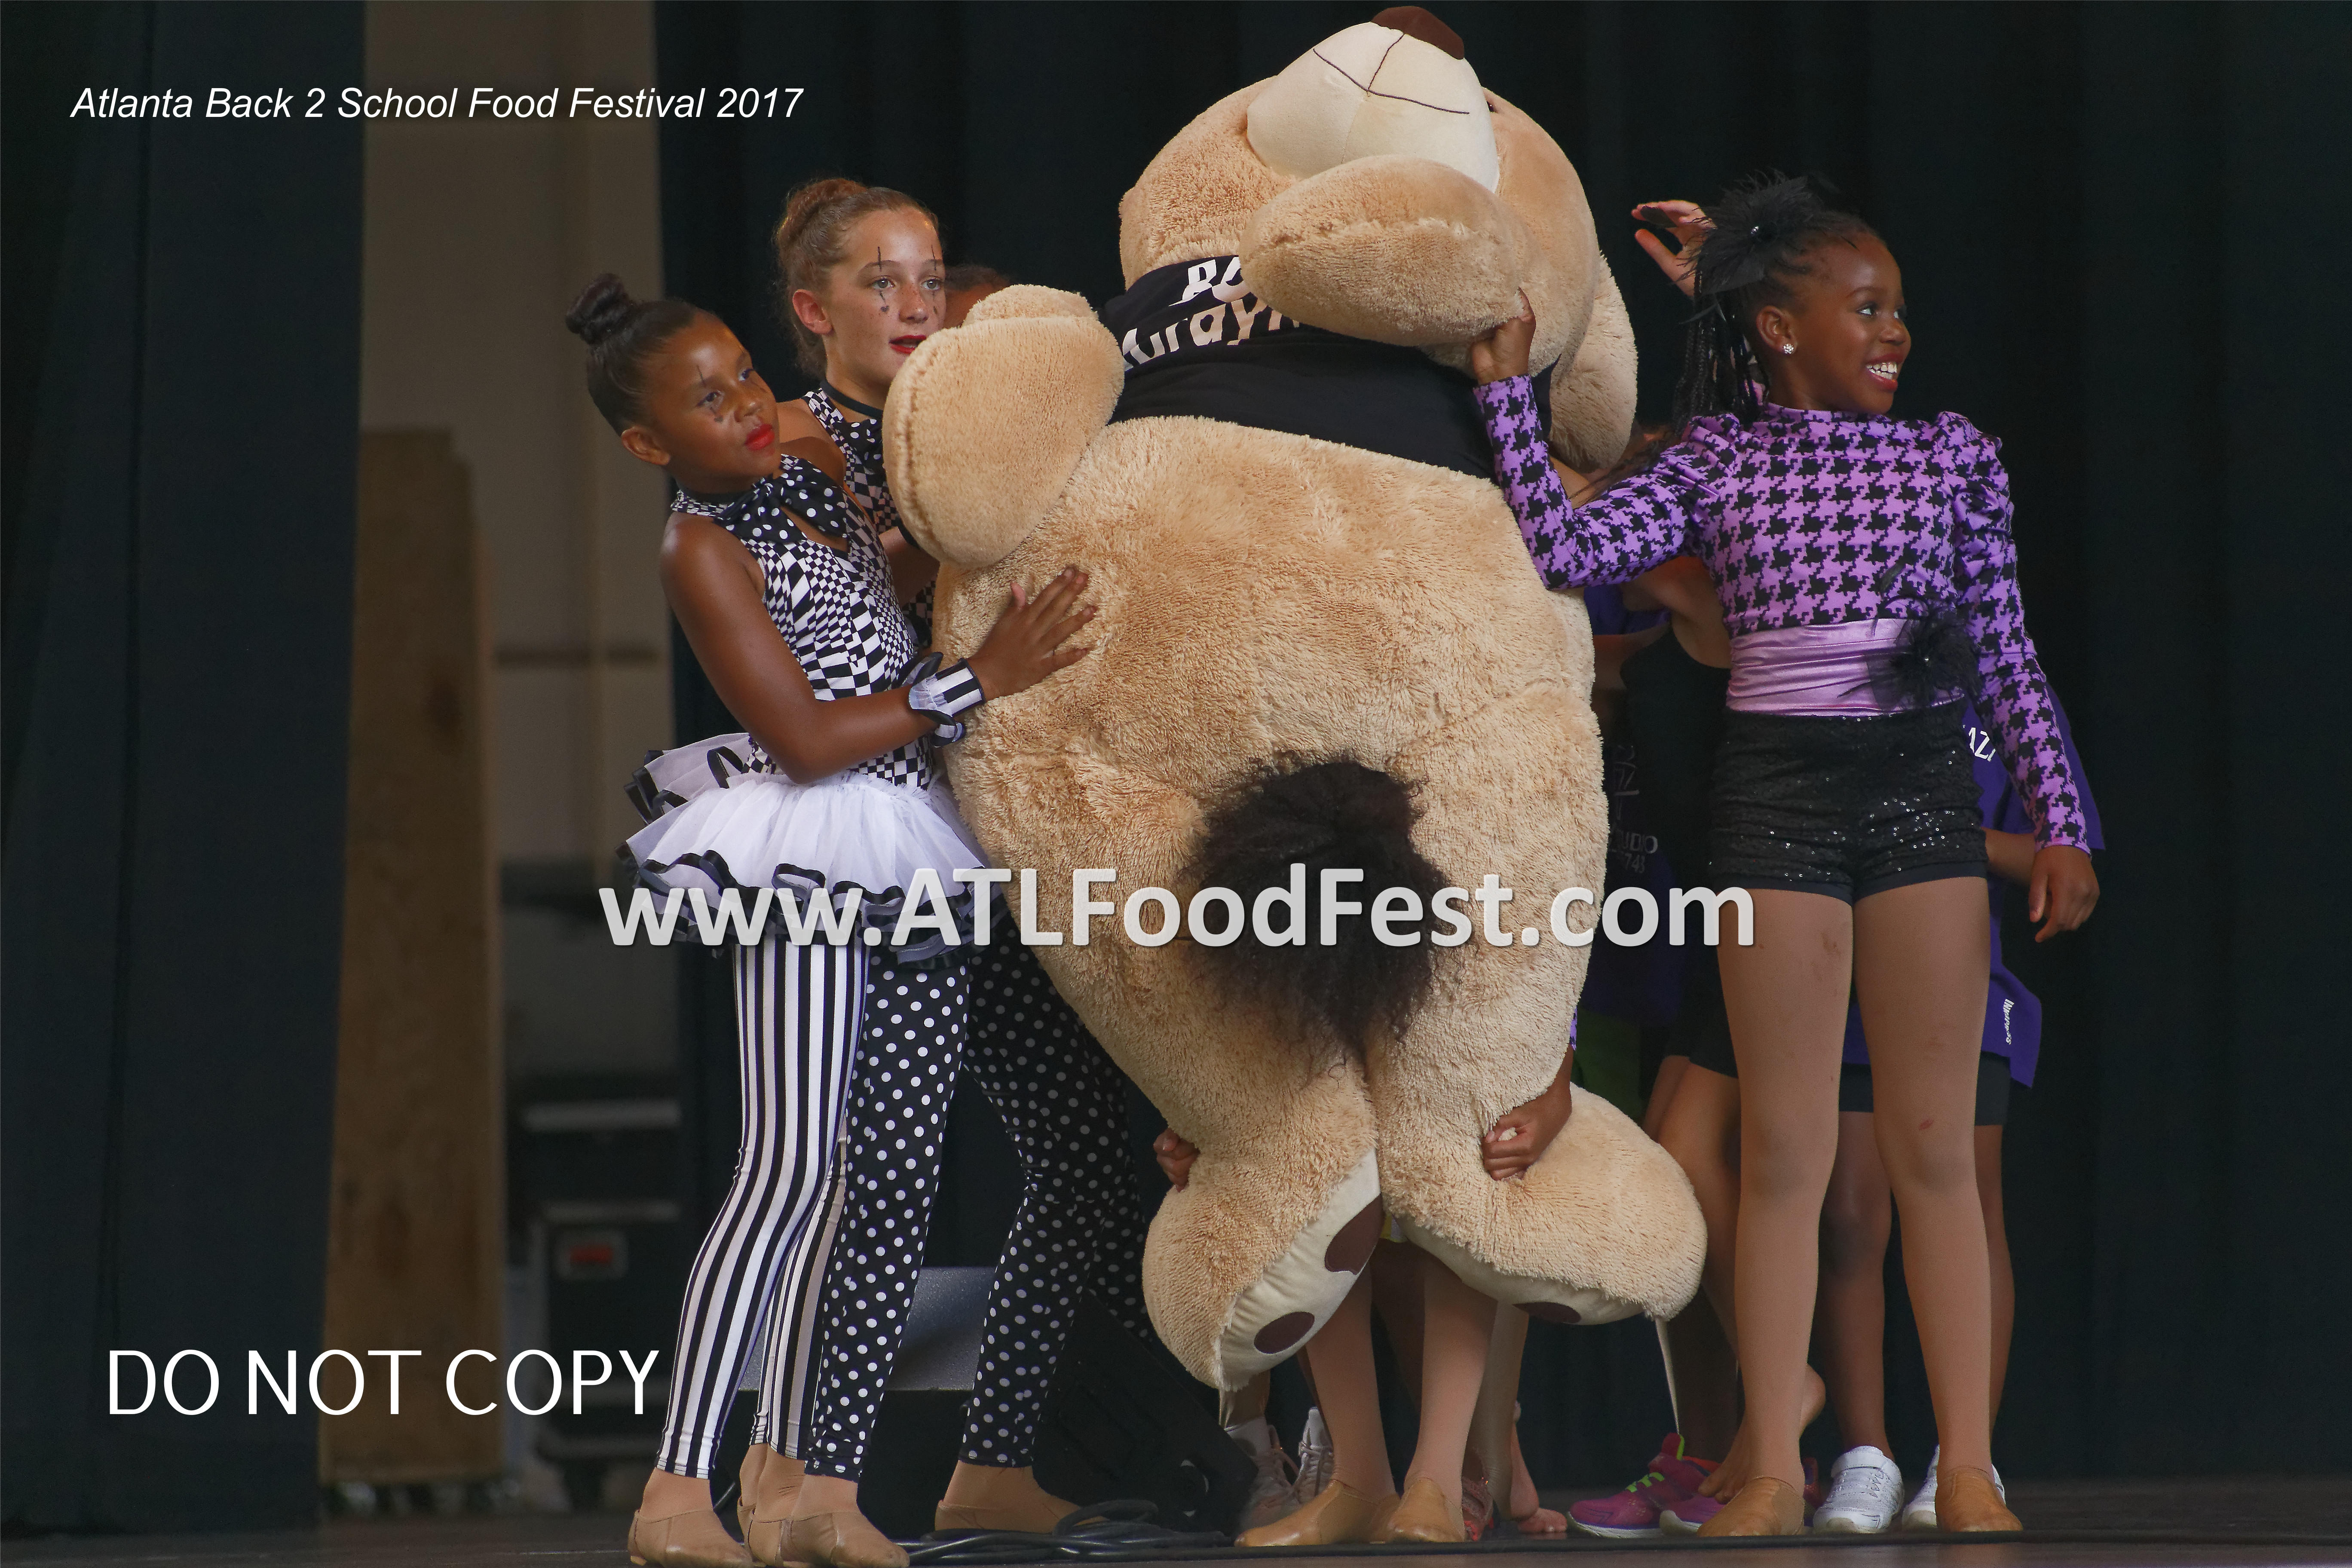 Atlanta Back 2 Food Festival